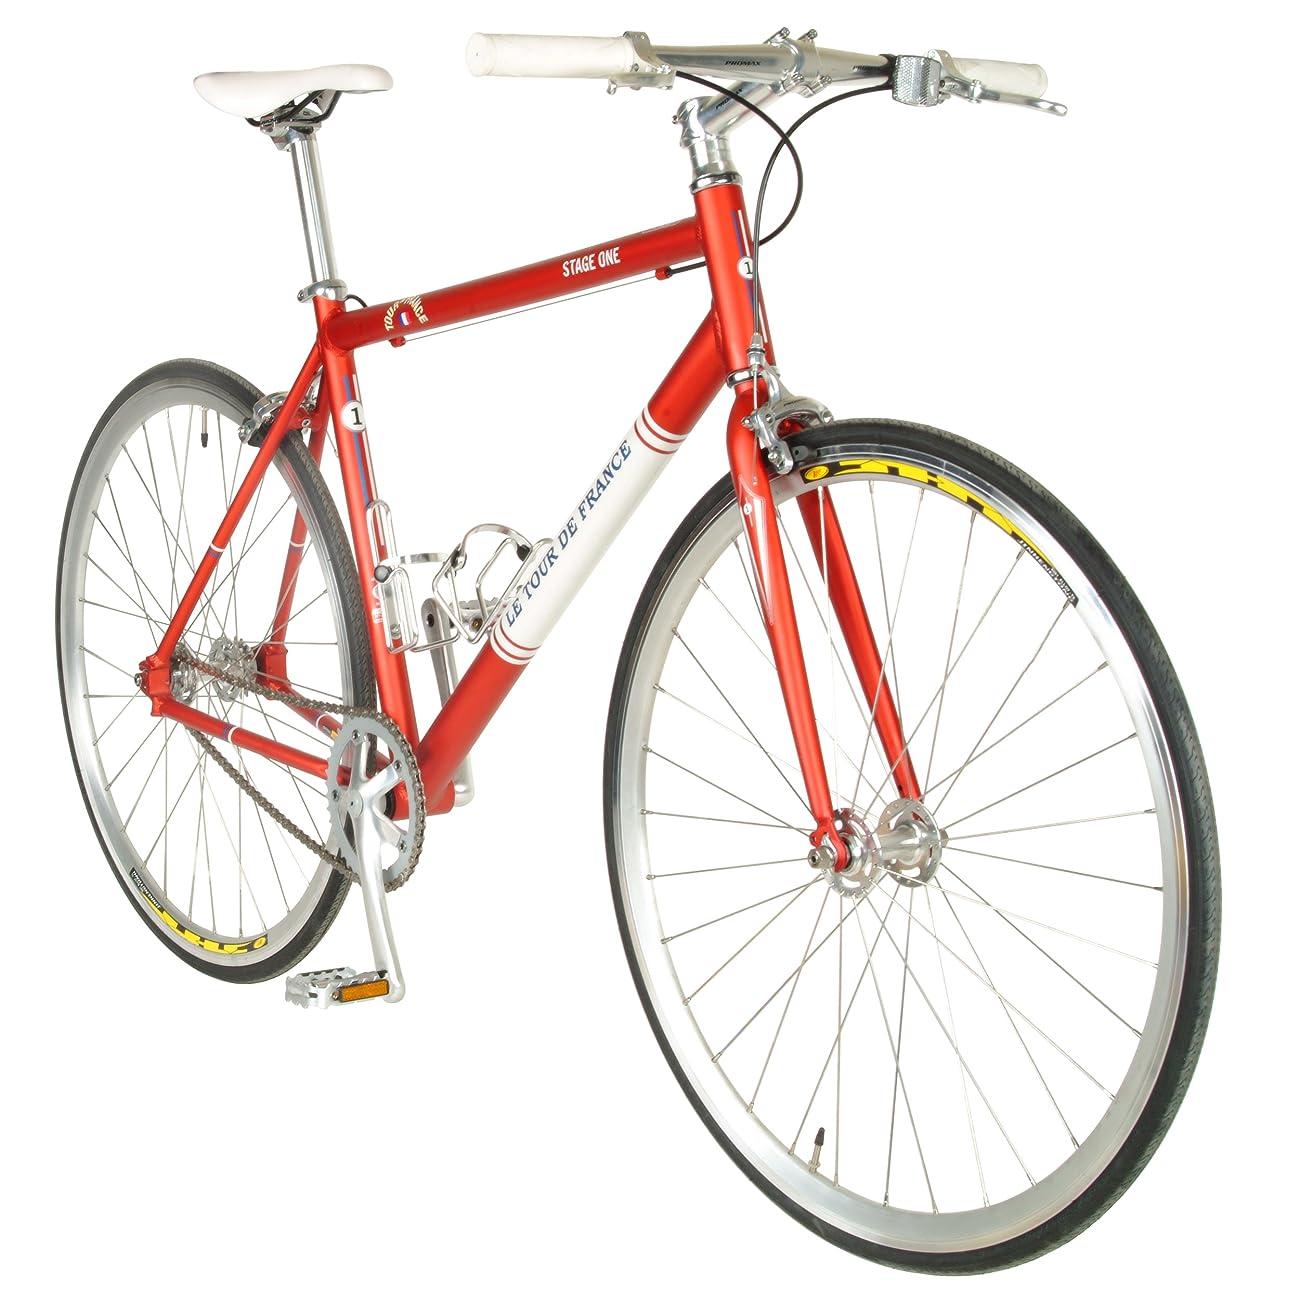 Tour de FranceStage One Vintage Fixie Bike, 700c Wheels,Men's Bike, Red, 45 cm Frame, 51 cm Frame, 56 cm Frame 1